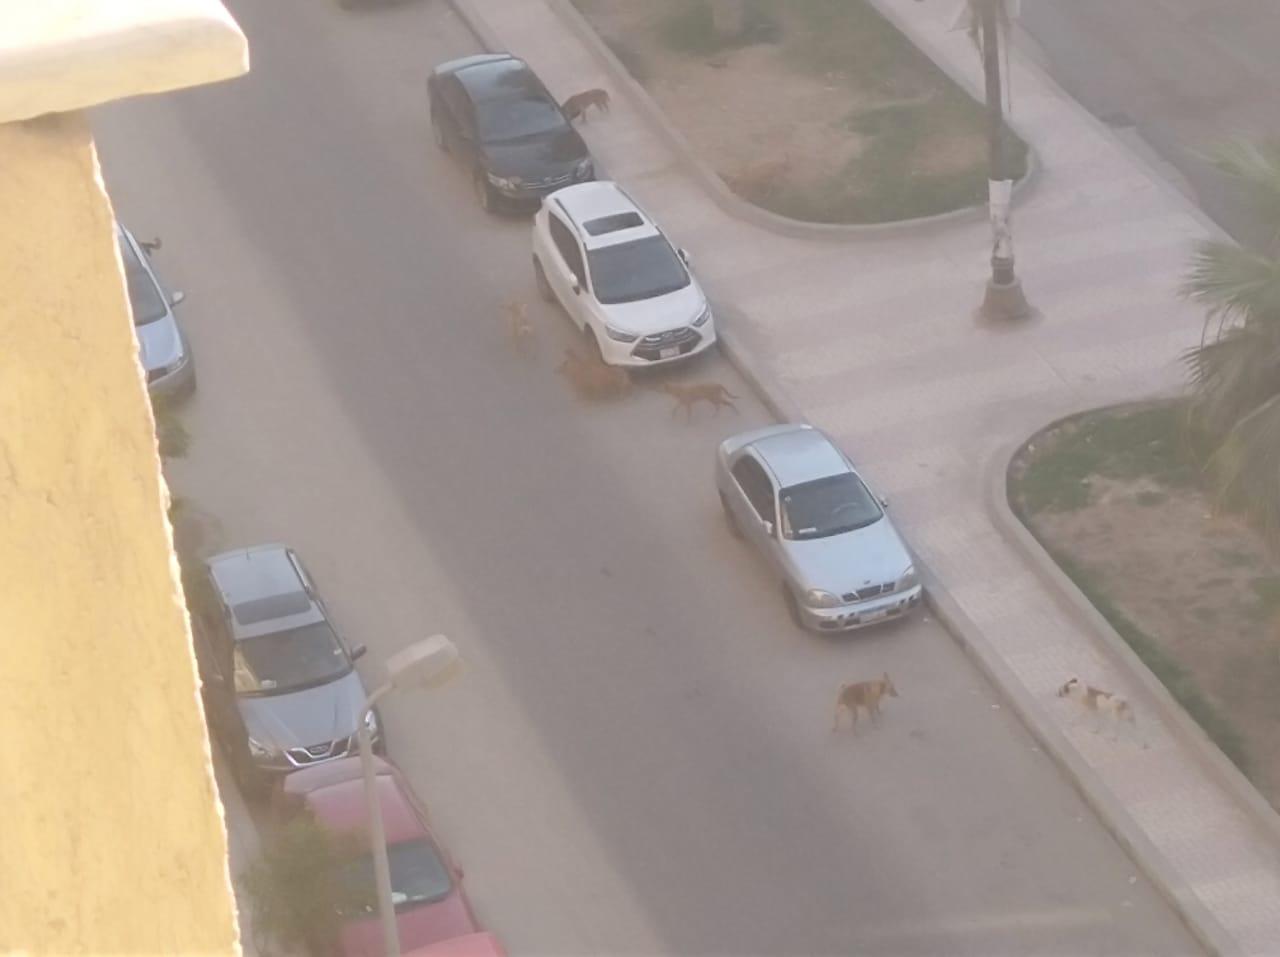 الكلاب الضالة غرب الإسكندرية  (3)